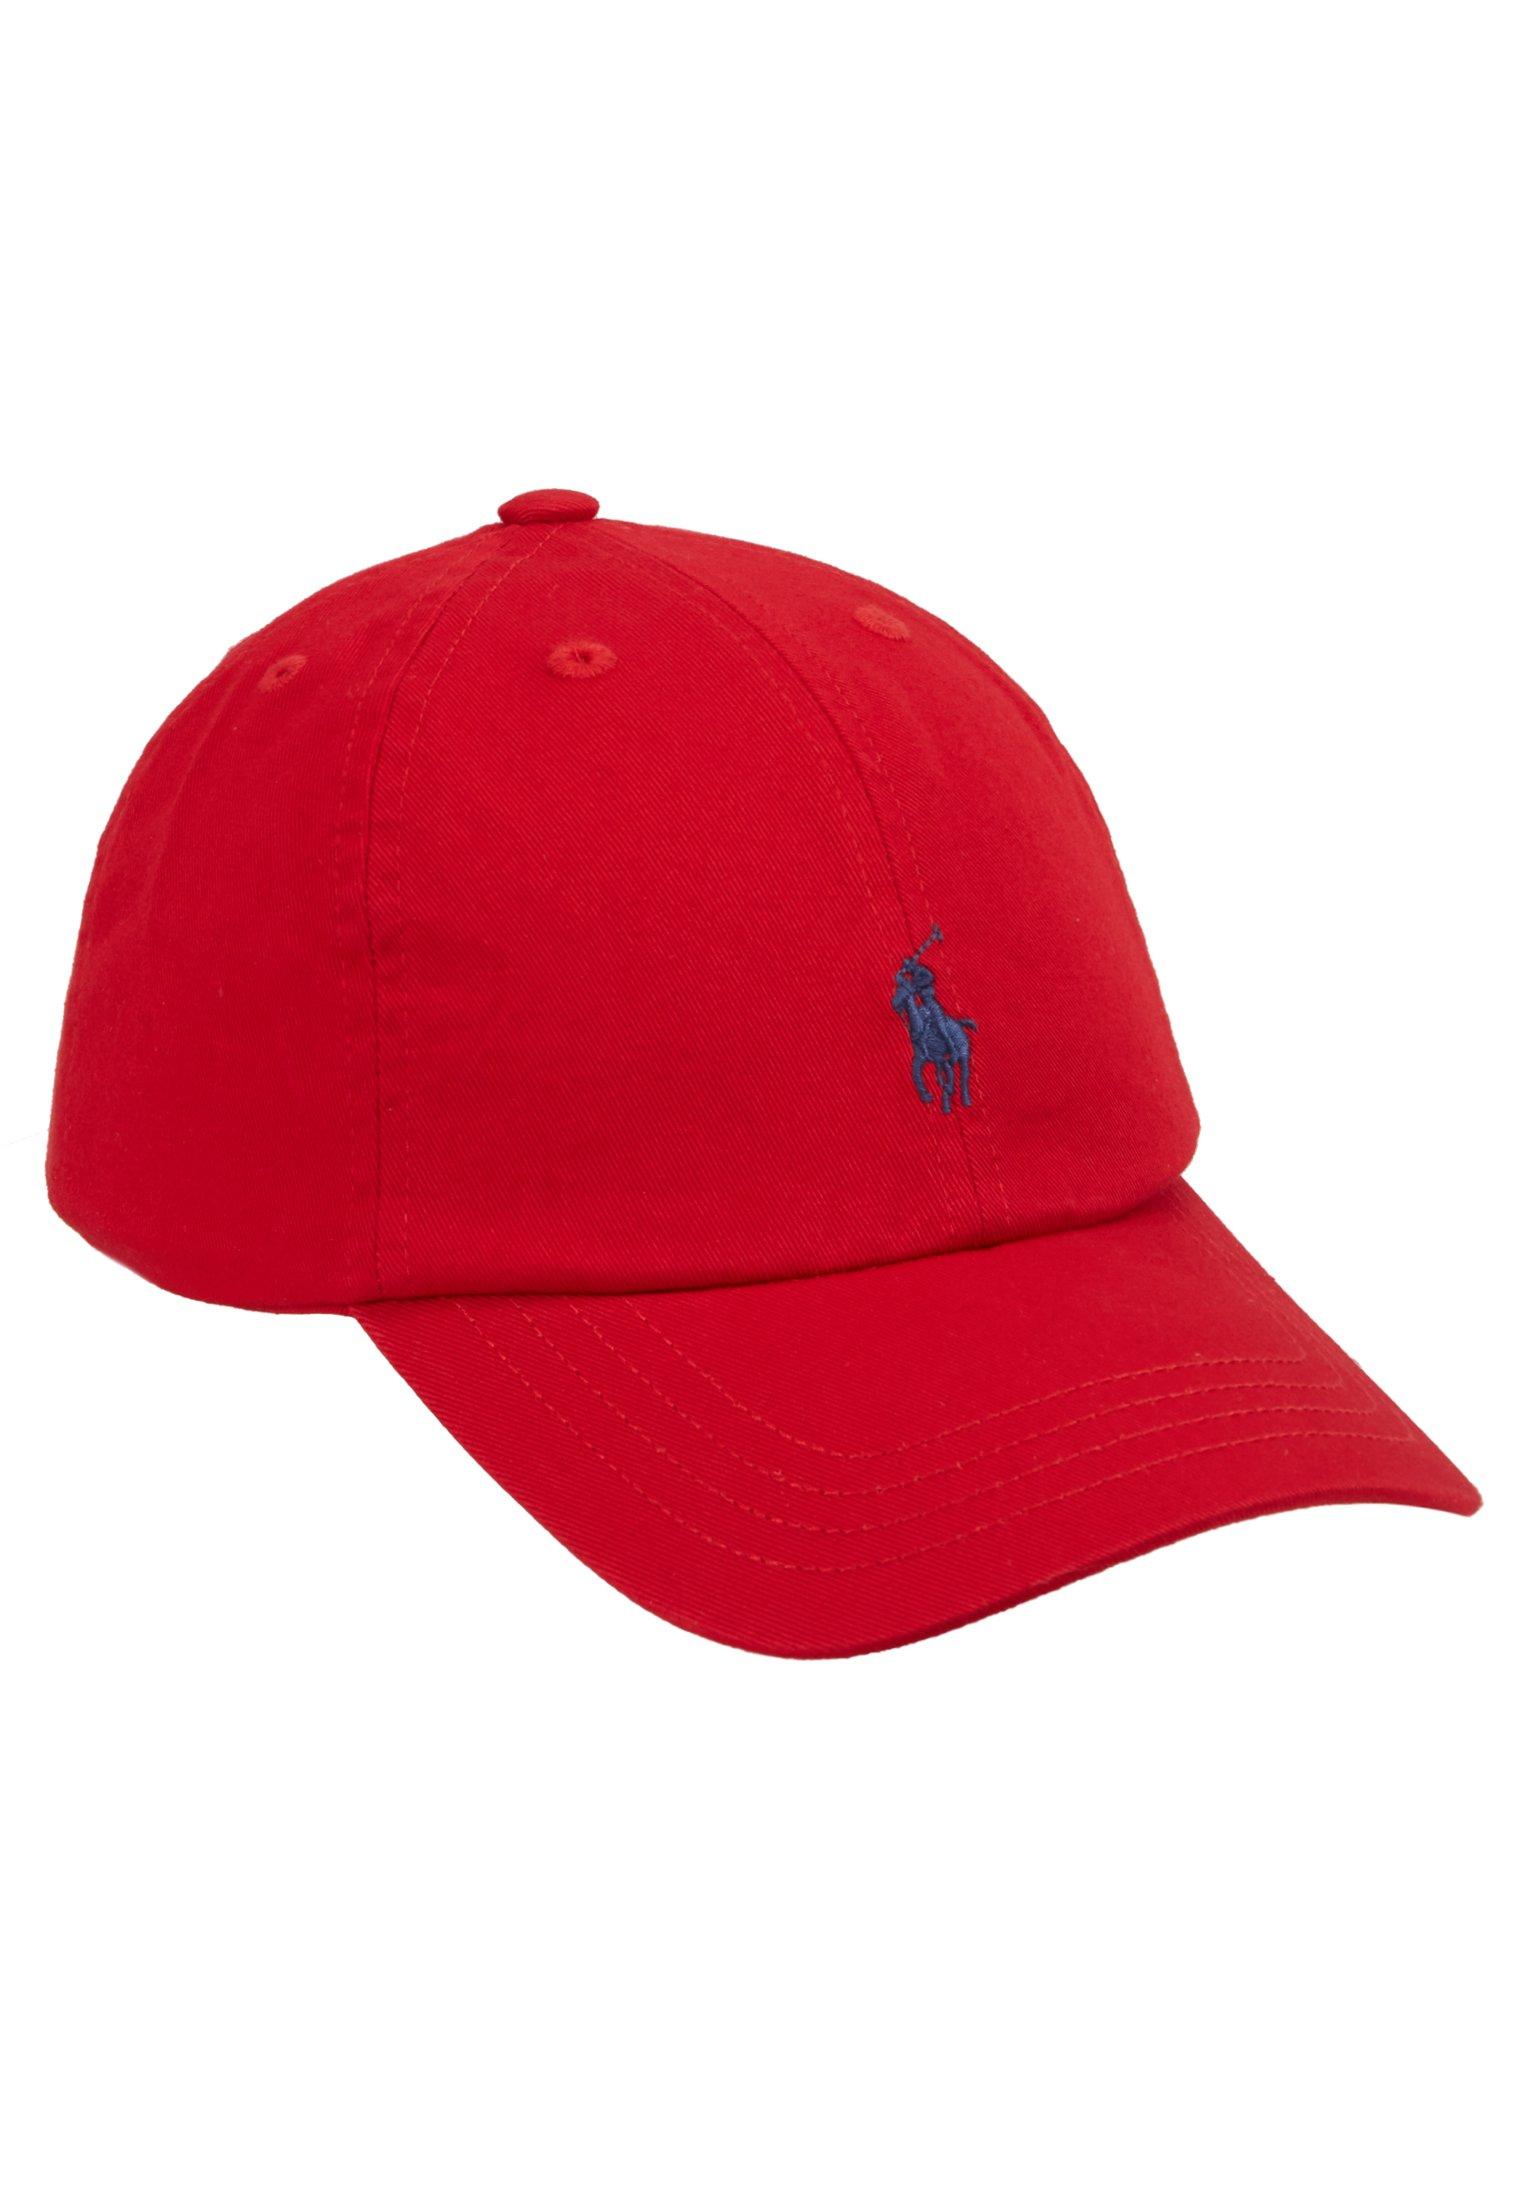 Enfant HAT - Casquette